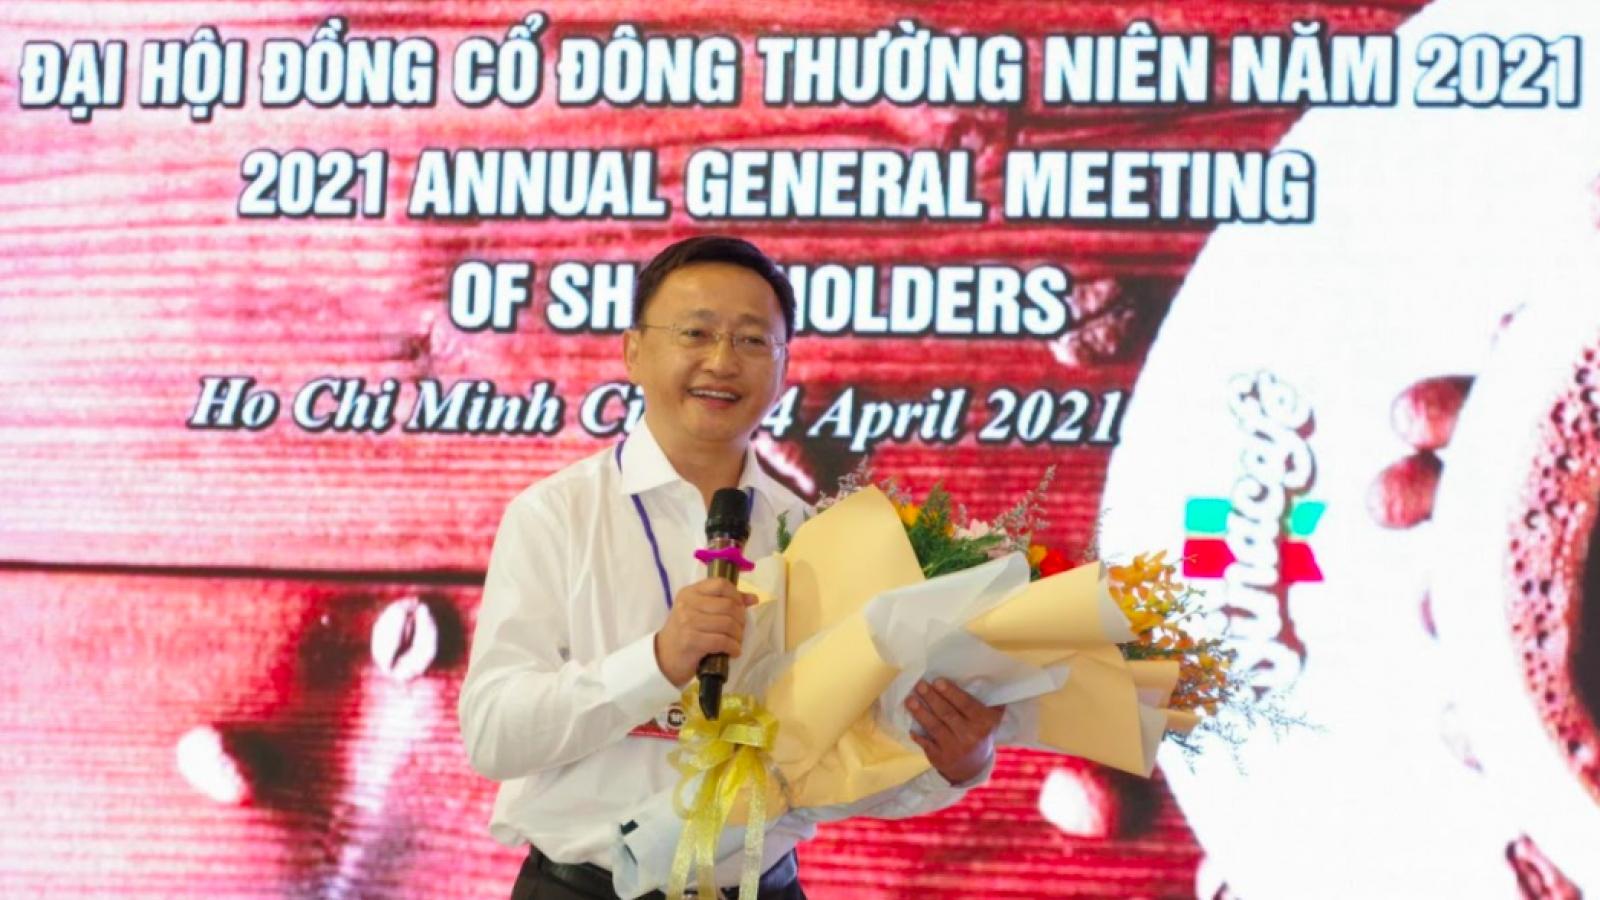 Vinacafé Biên Hòa bổ nhiệm Tổng Giám Đốc mới